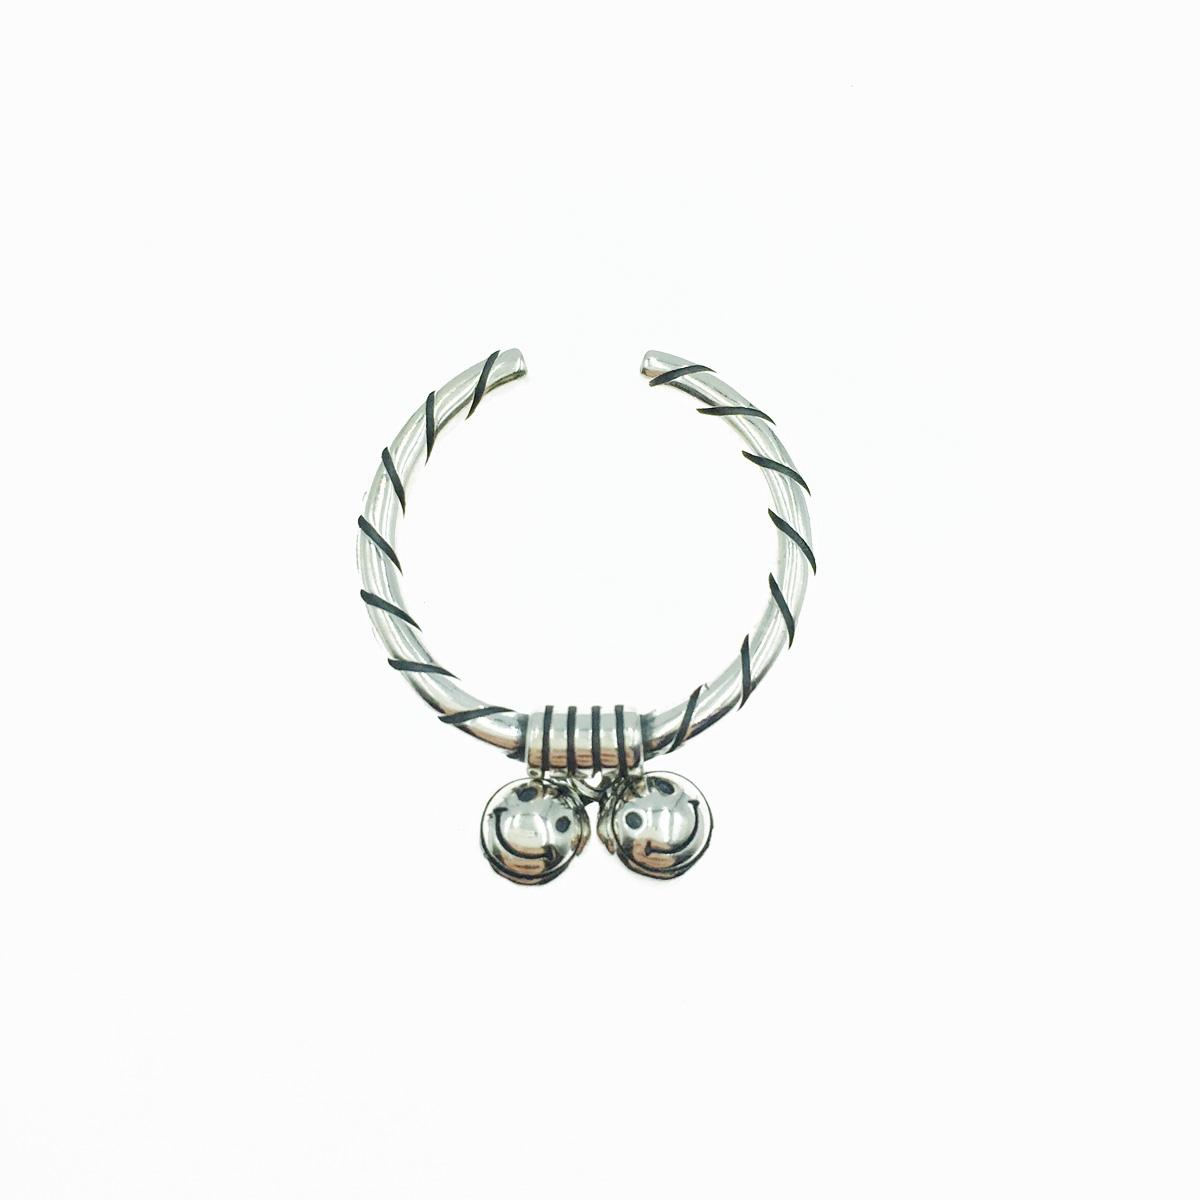 韓國 925純銀 笑臉 鈴鐺 垂墜 可調式 戒指